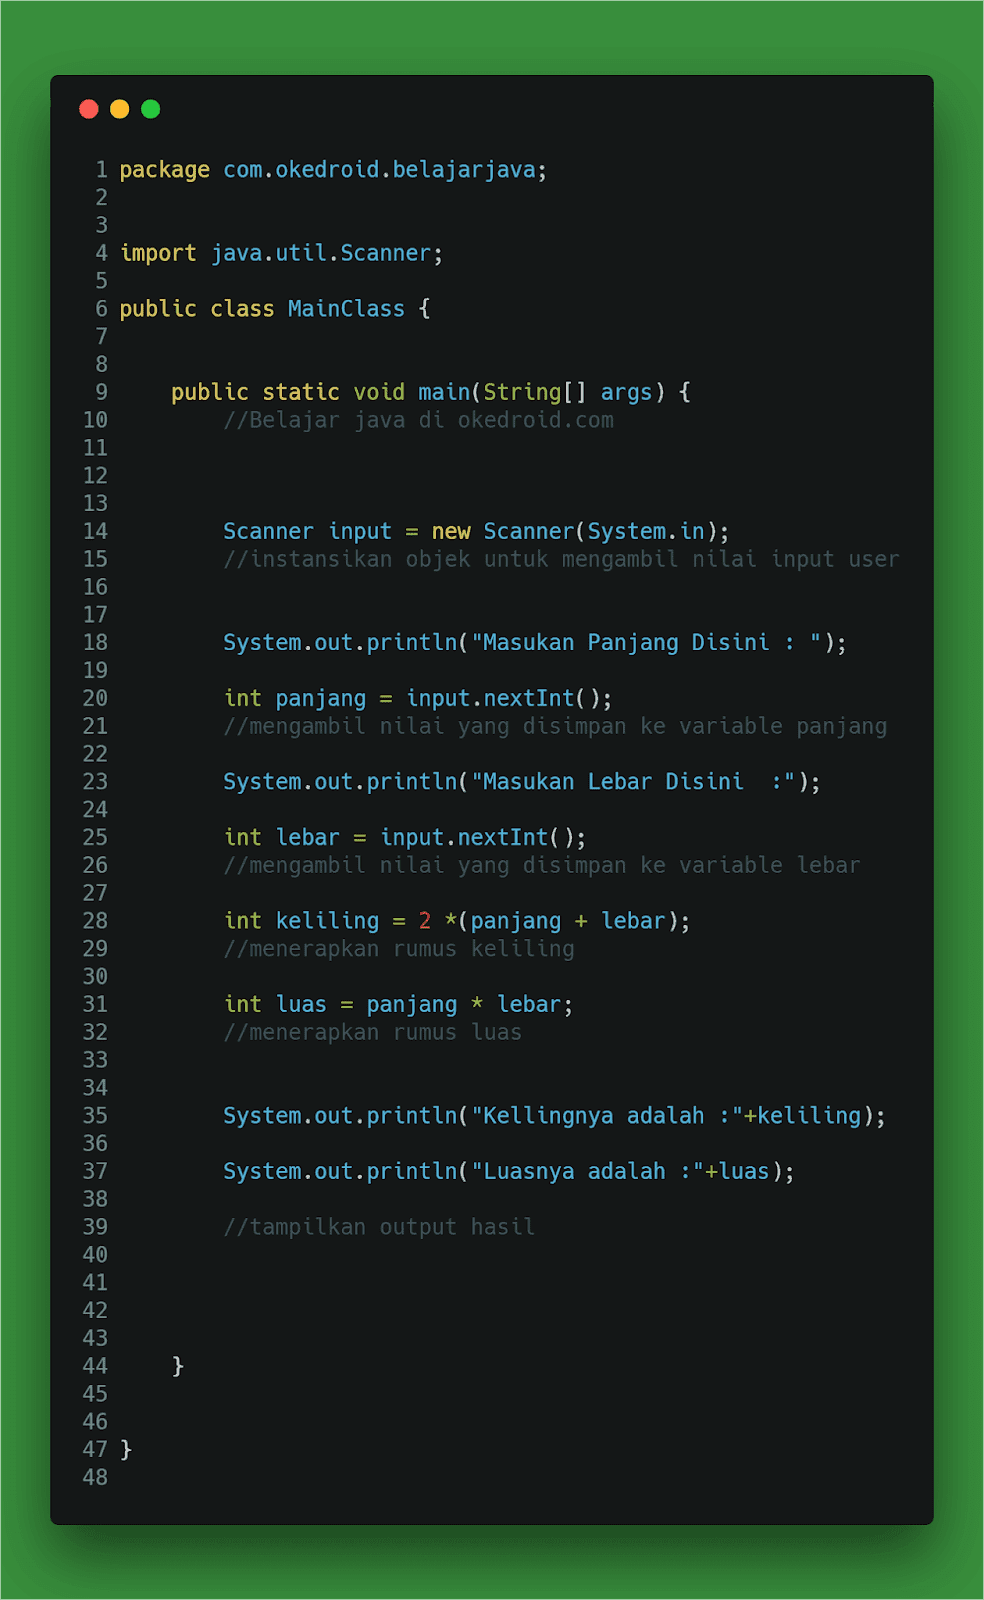 Contoh Code Program Mencari Menghitung Rumus Luas dan Keliling di Java